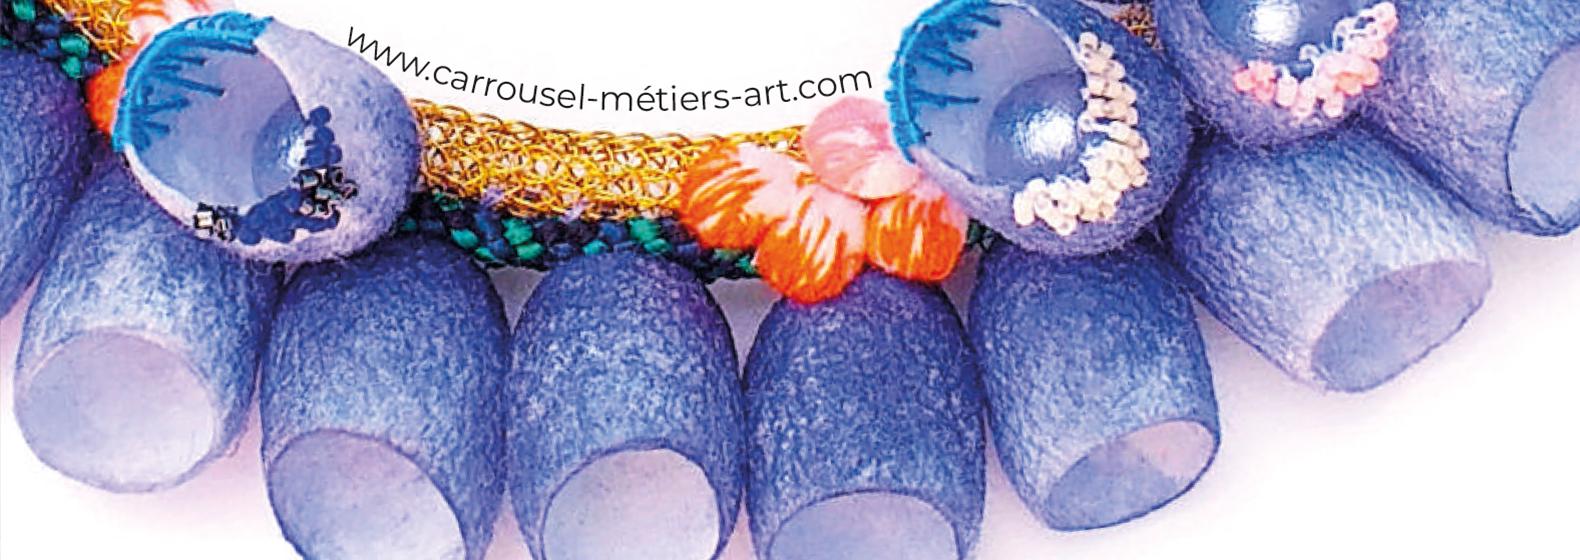 Artisans d'art, participez au Carrousel des Métiers d'Art et de Création